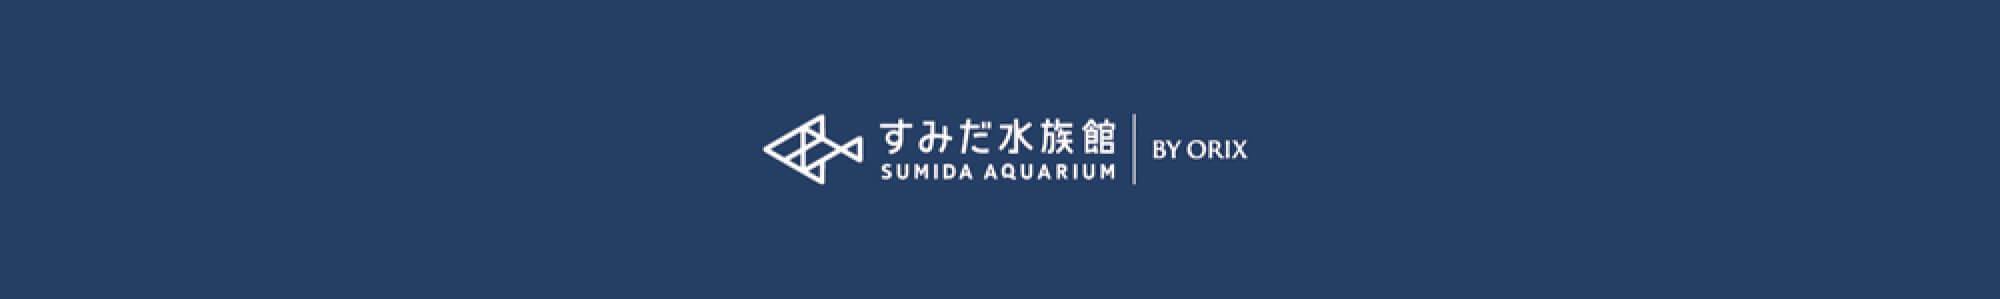 すみだ水族館 SUMIDA AQUARIUM BY QRIX